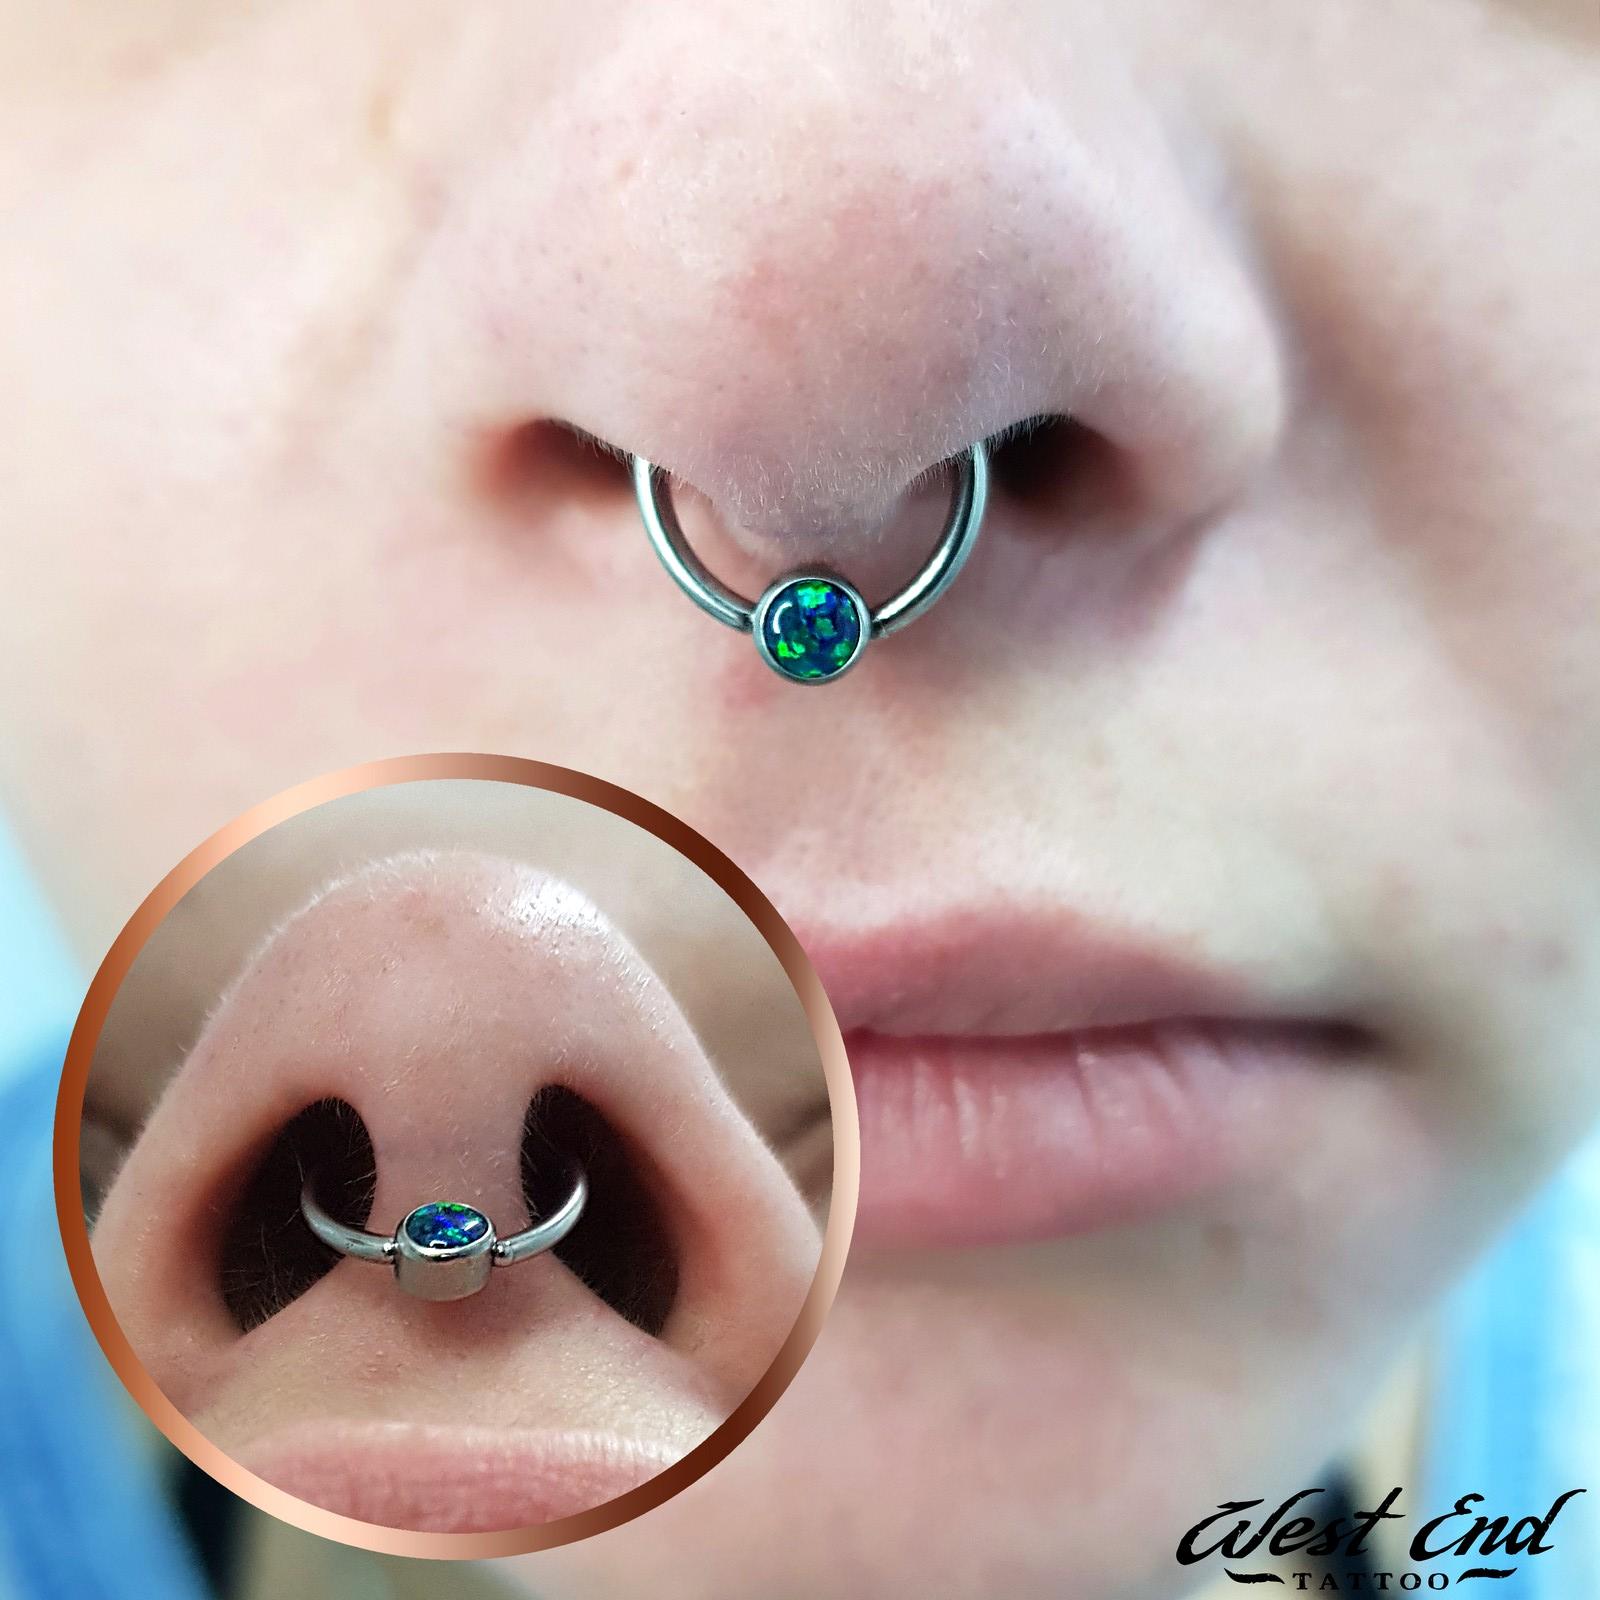 Пирсинг септум хряща носа